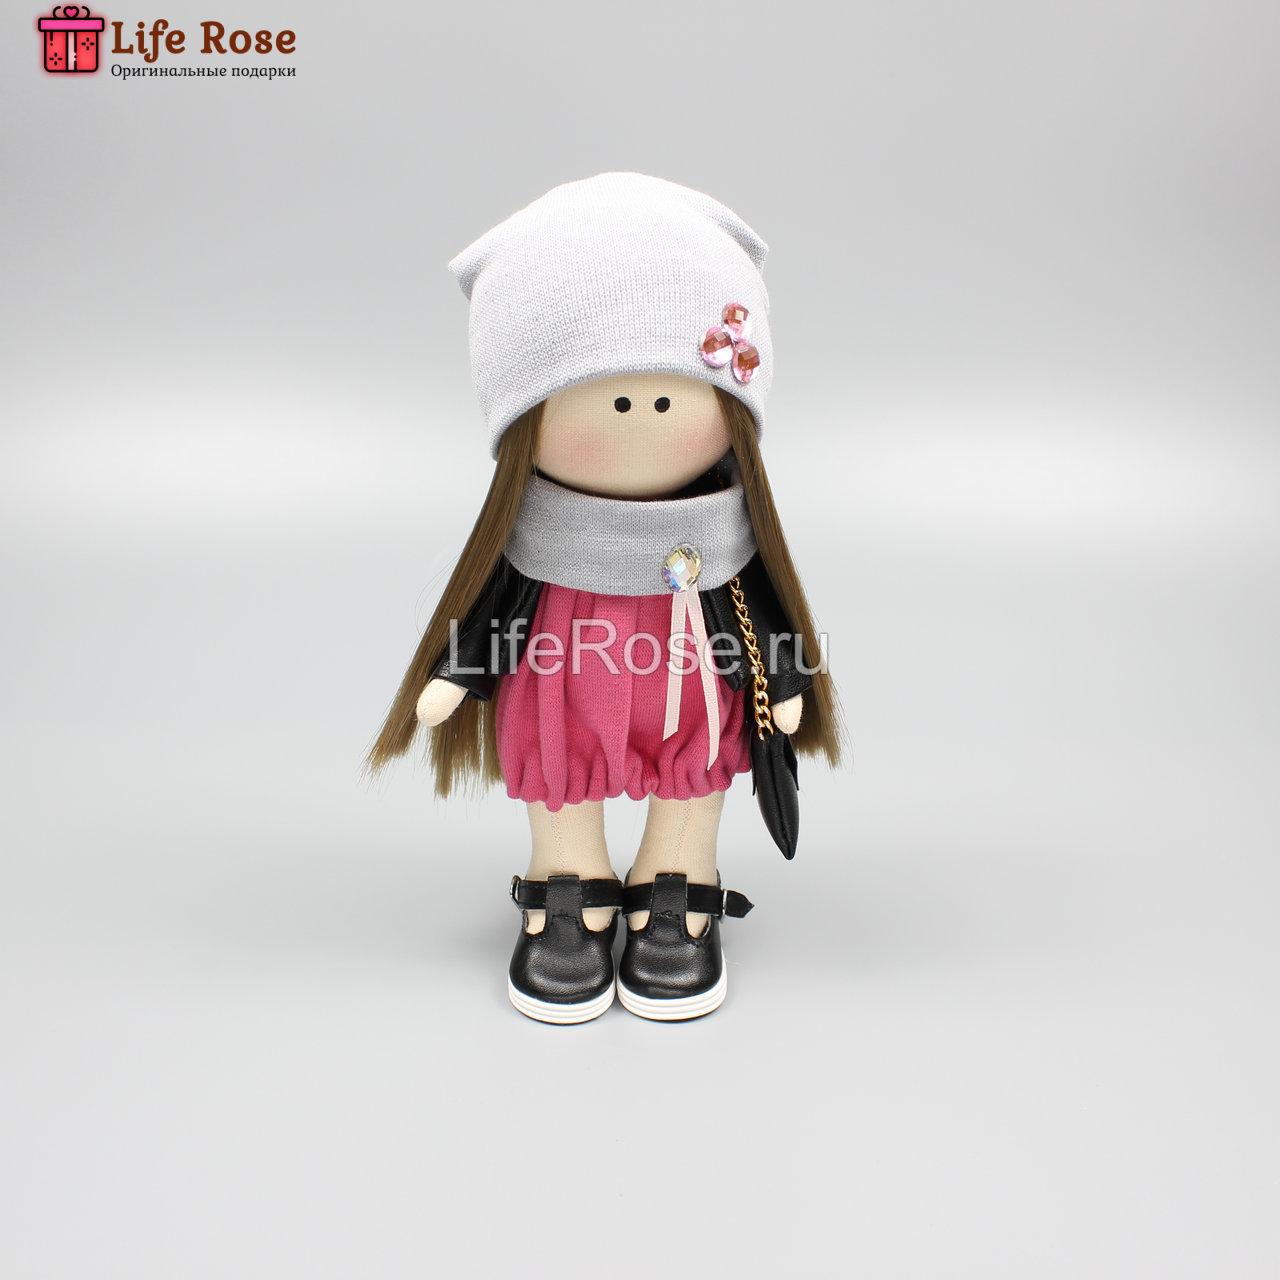 Заказать куклу ручной работы Патриция - куклы ручной работы на заказ